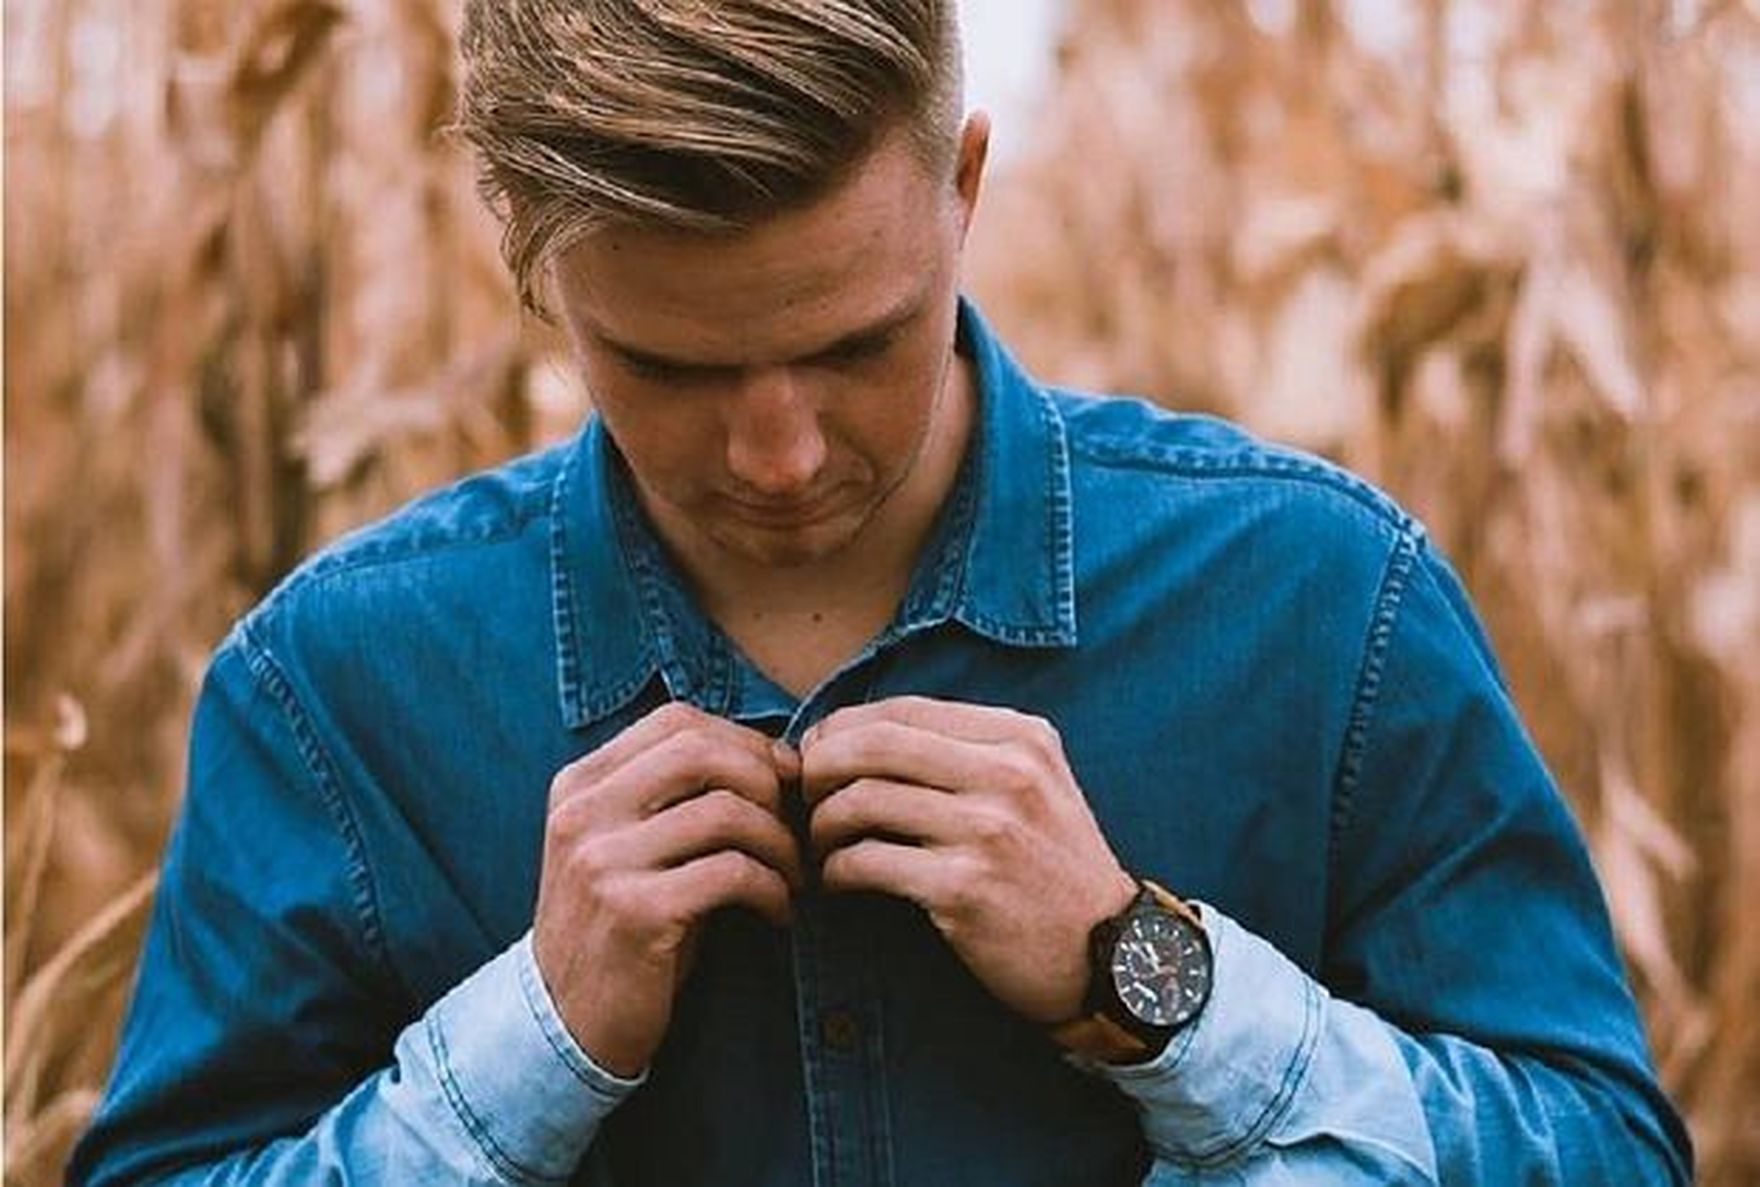 Kwarcowy zegarek za mniej niż 200 zł? Znana marka wyprzedaje asortyment!